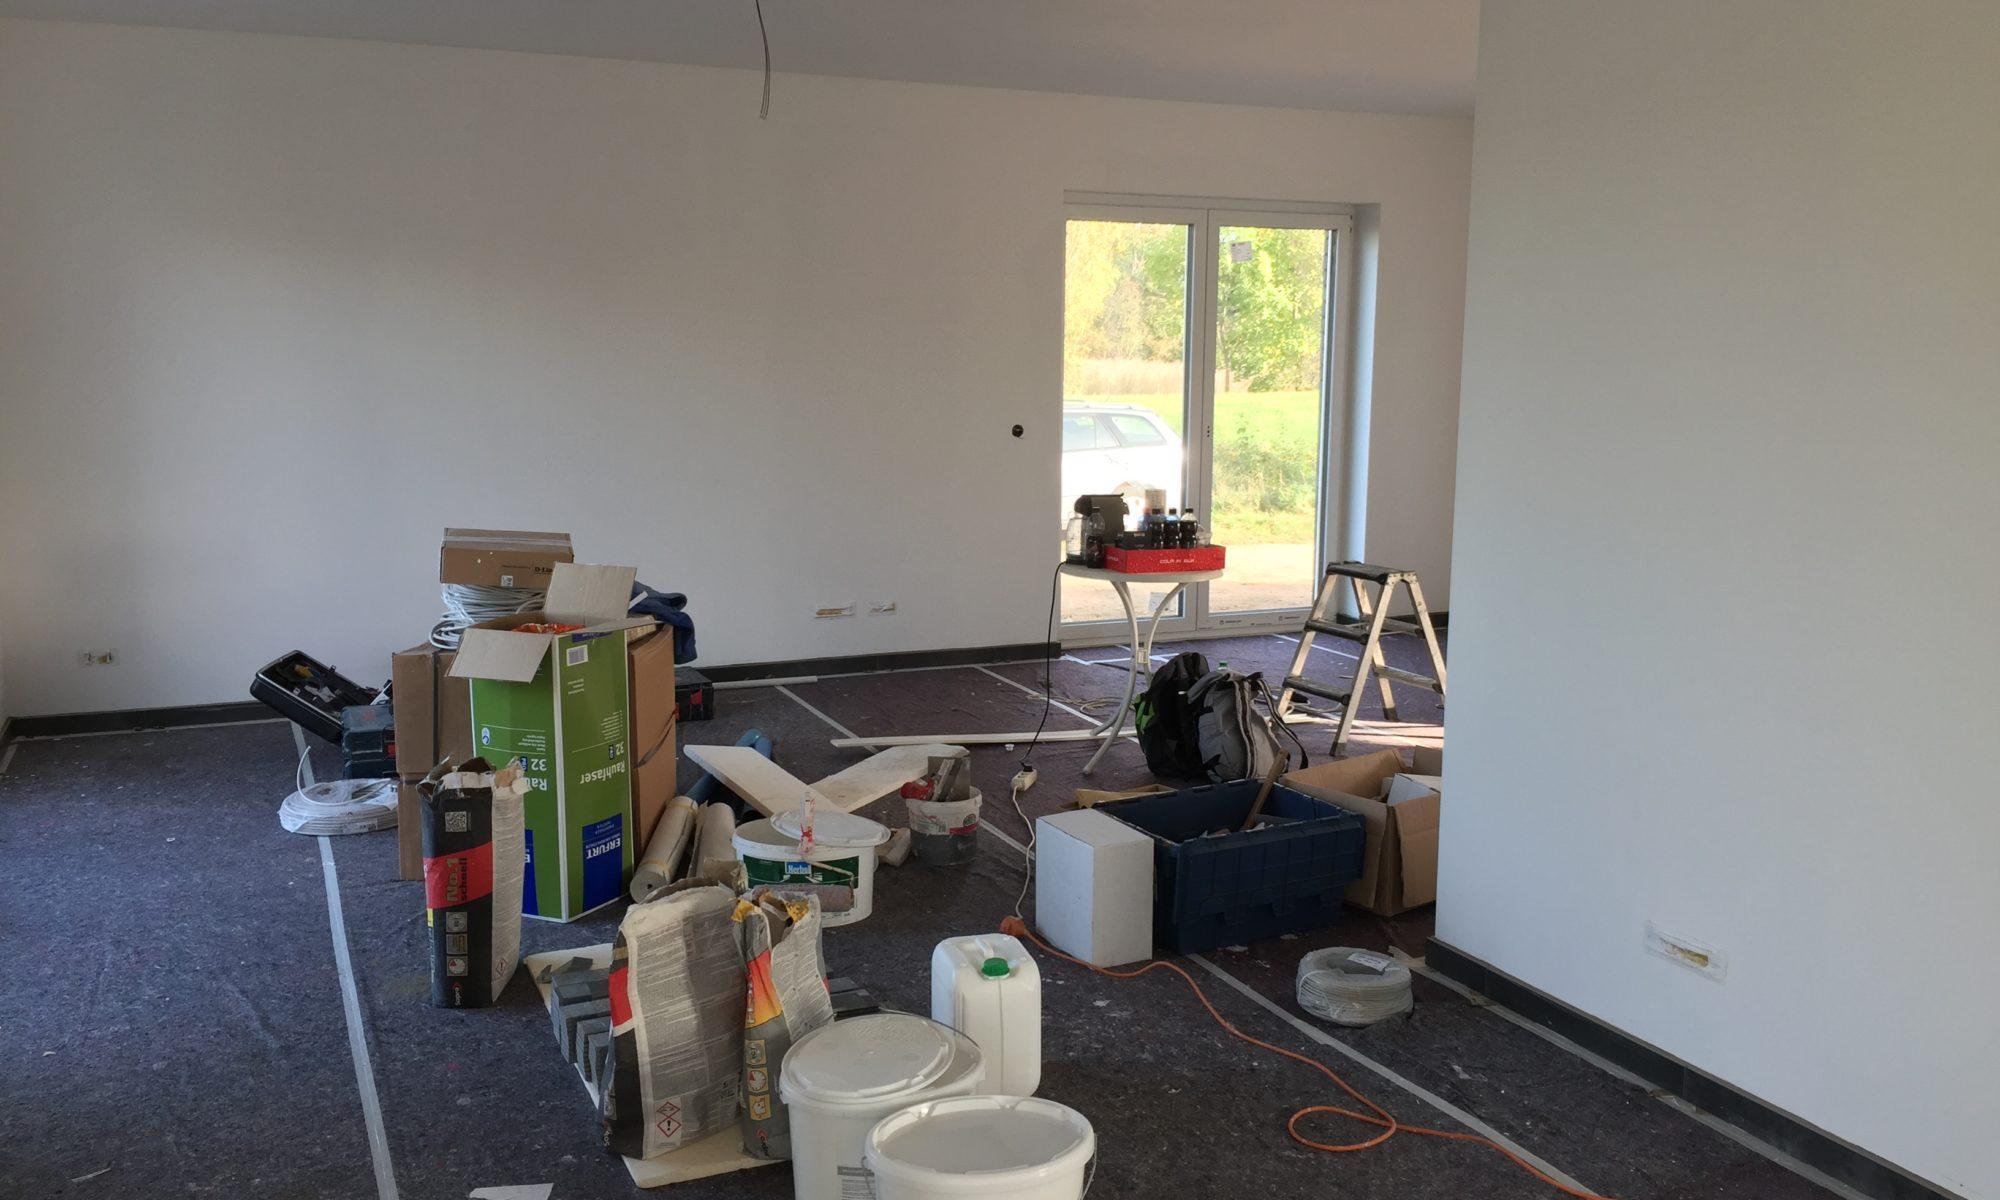 Malerarbeiten im Wohnzimmer